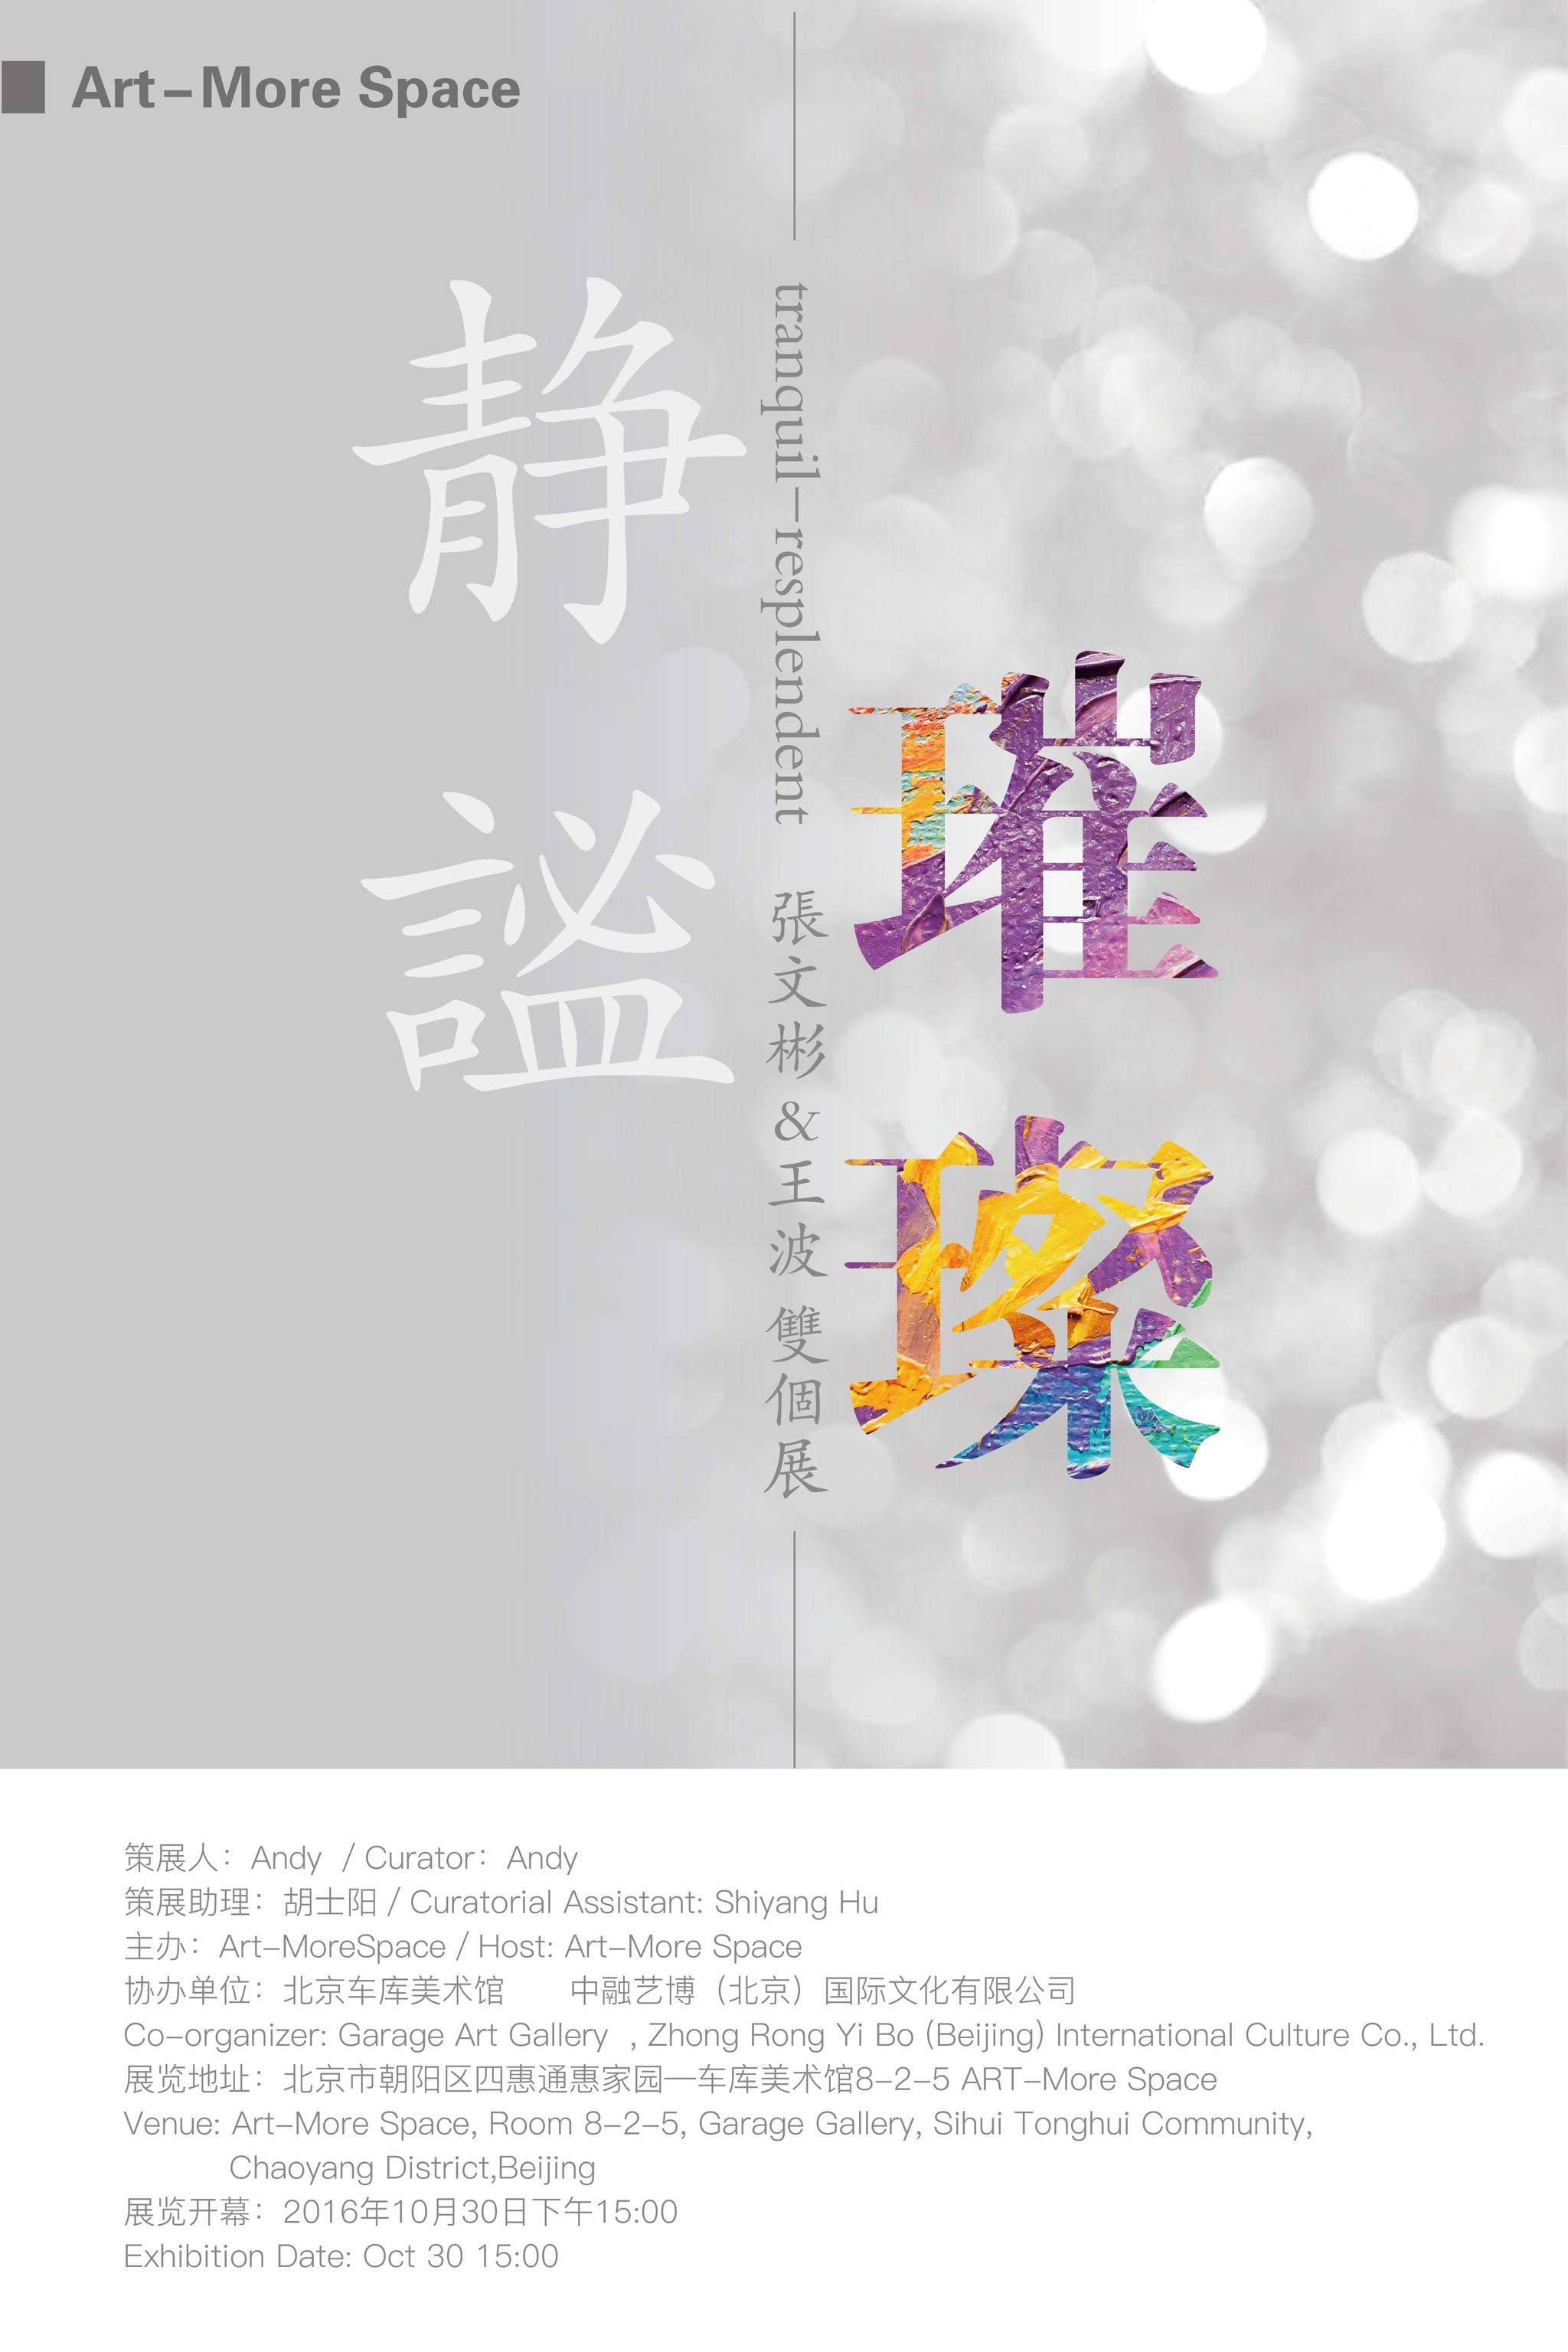 [重磅 展览预告]静谧·璀璨—张文彬&王波 双个展